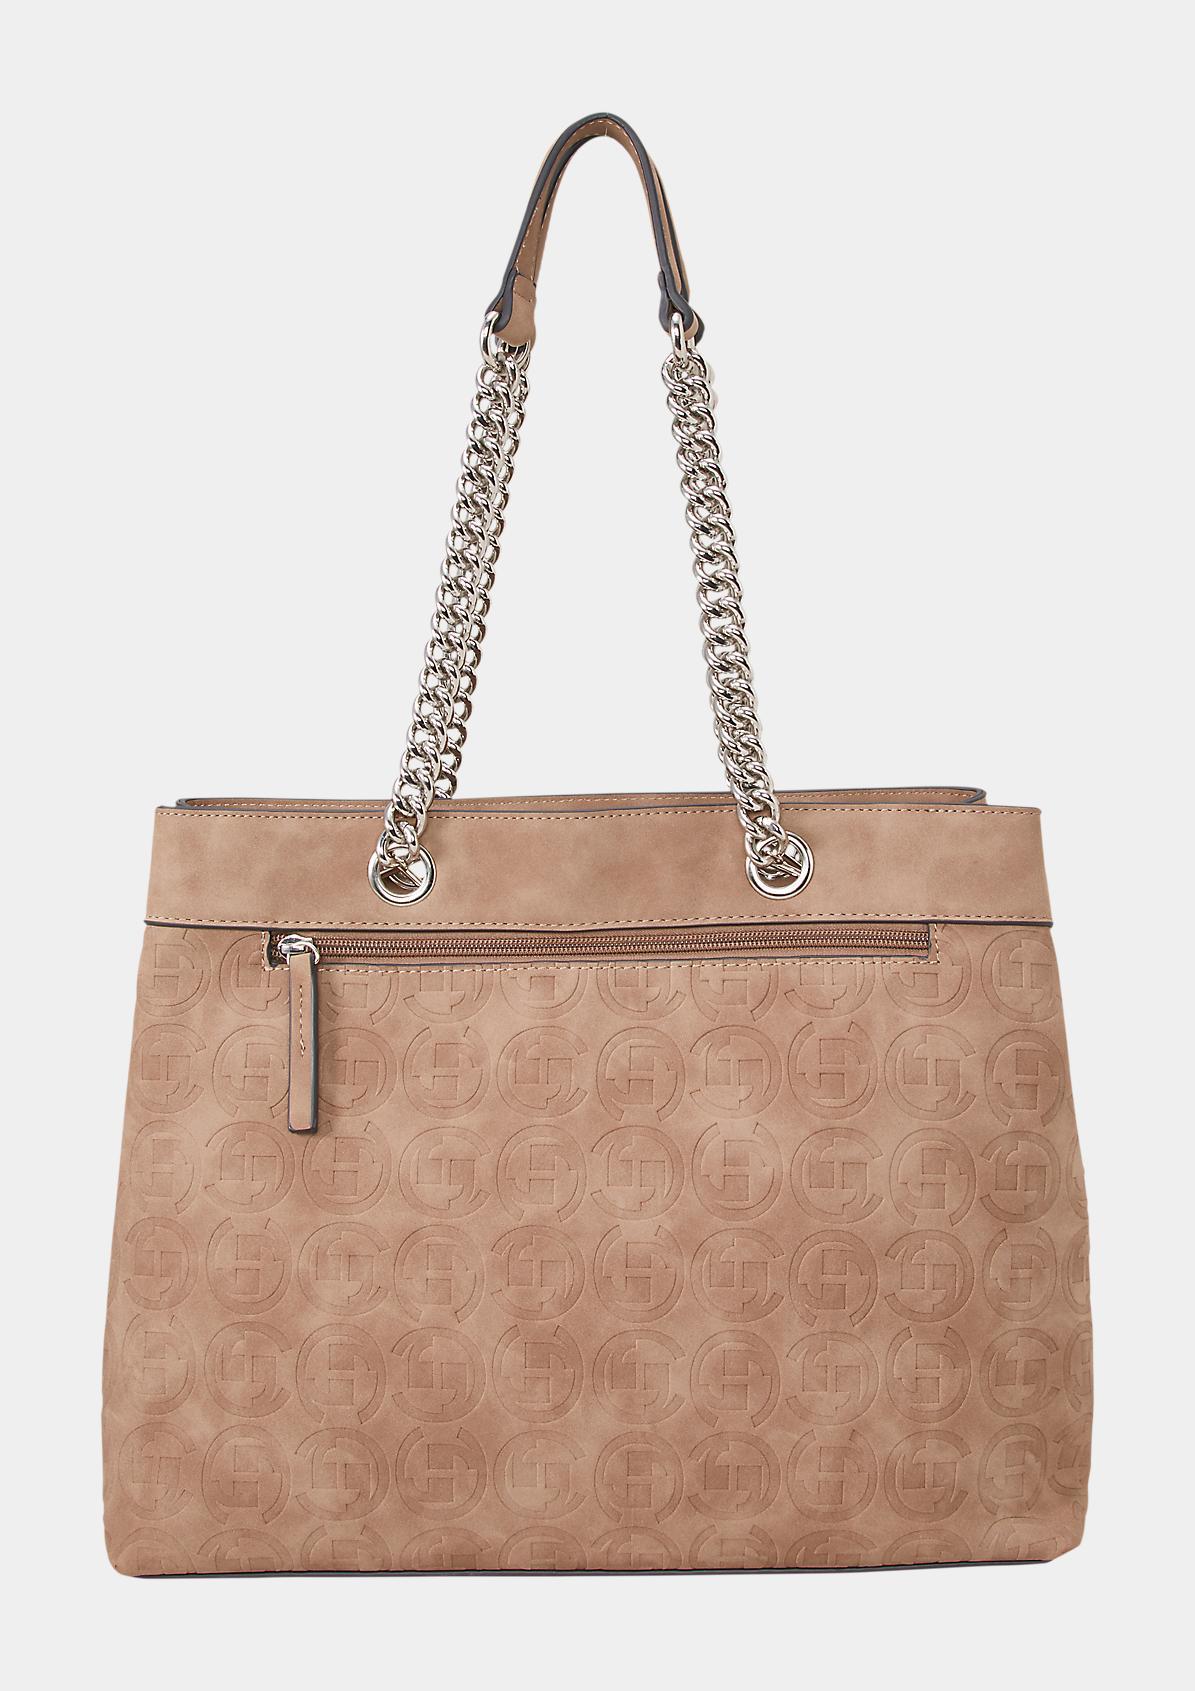 Shoppingbag aus weichem Suede-Kunstleder